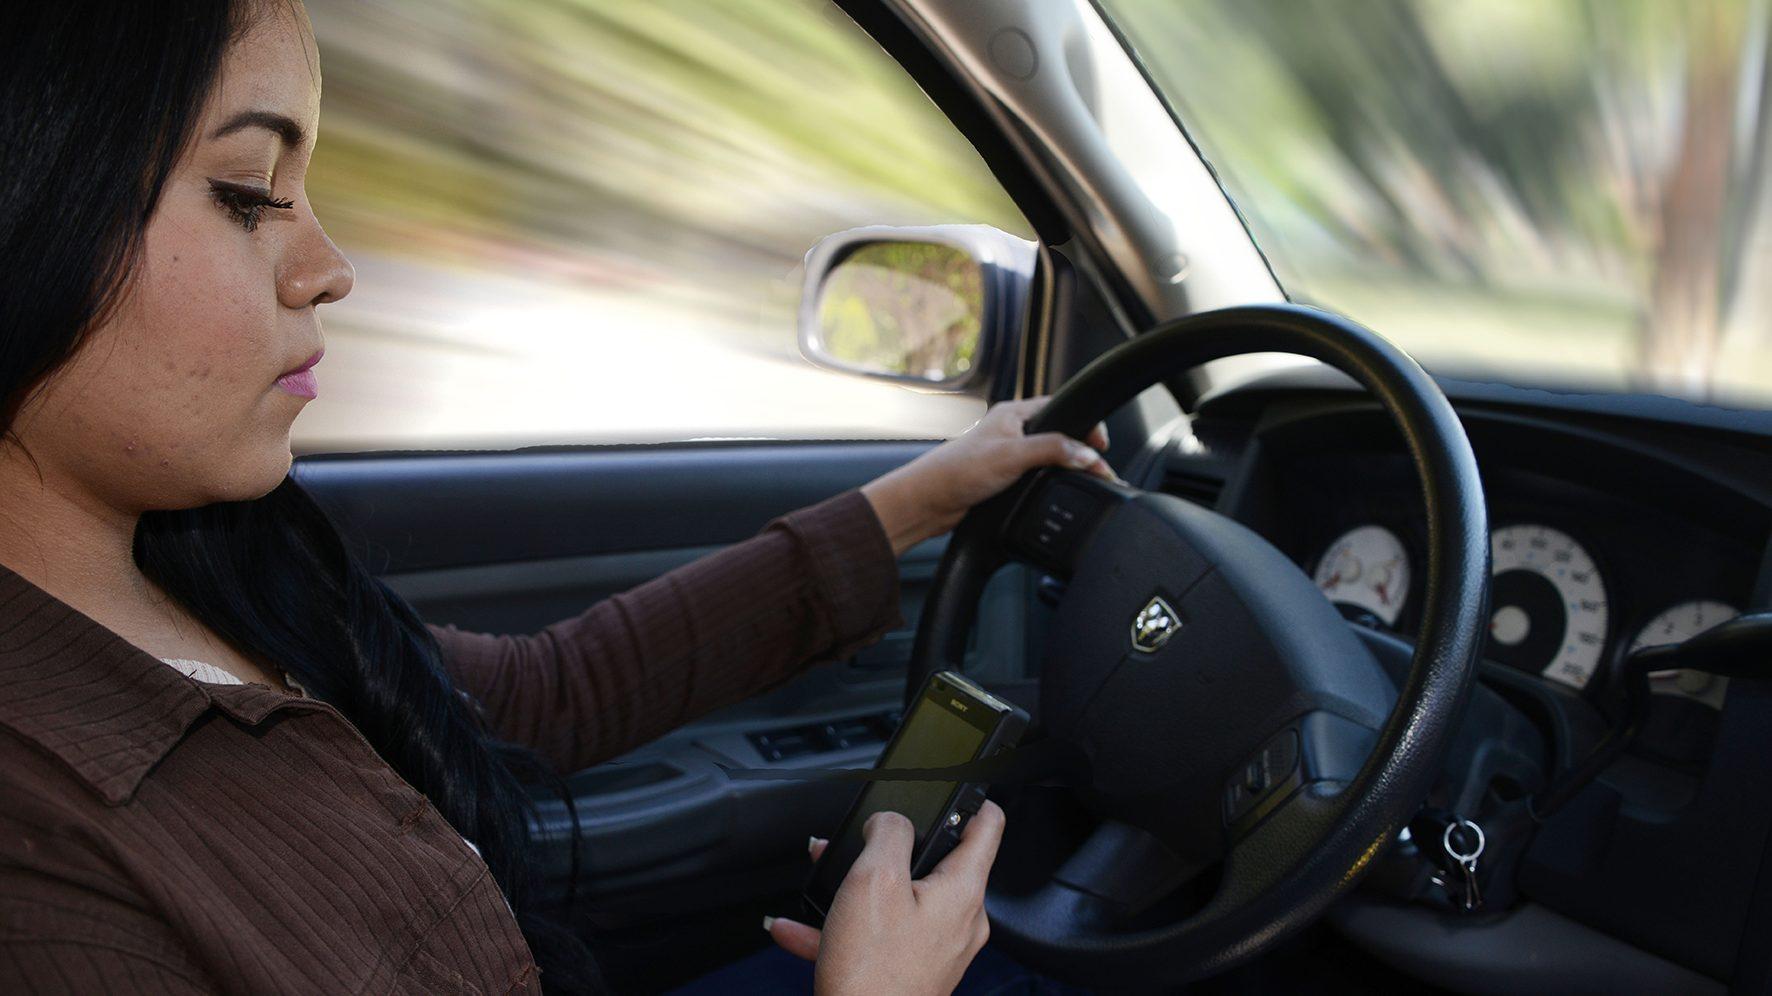 El uso del celular al manejar es peligroso